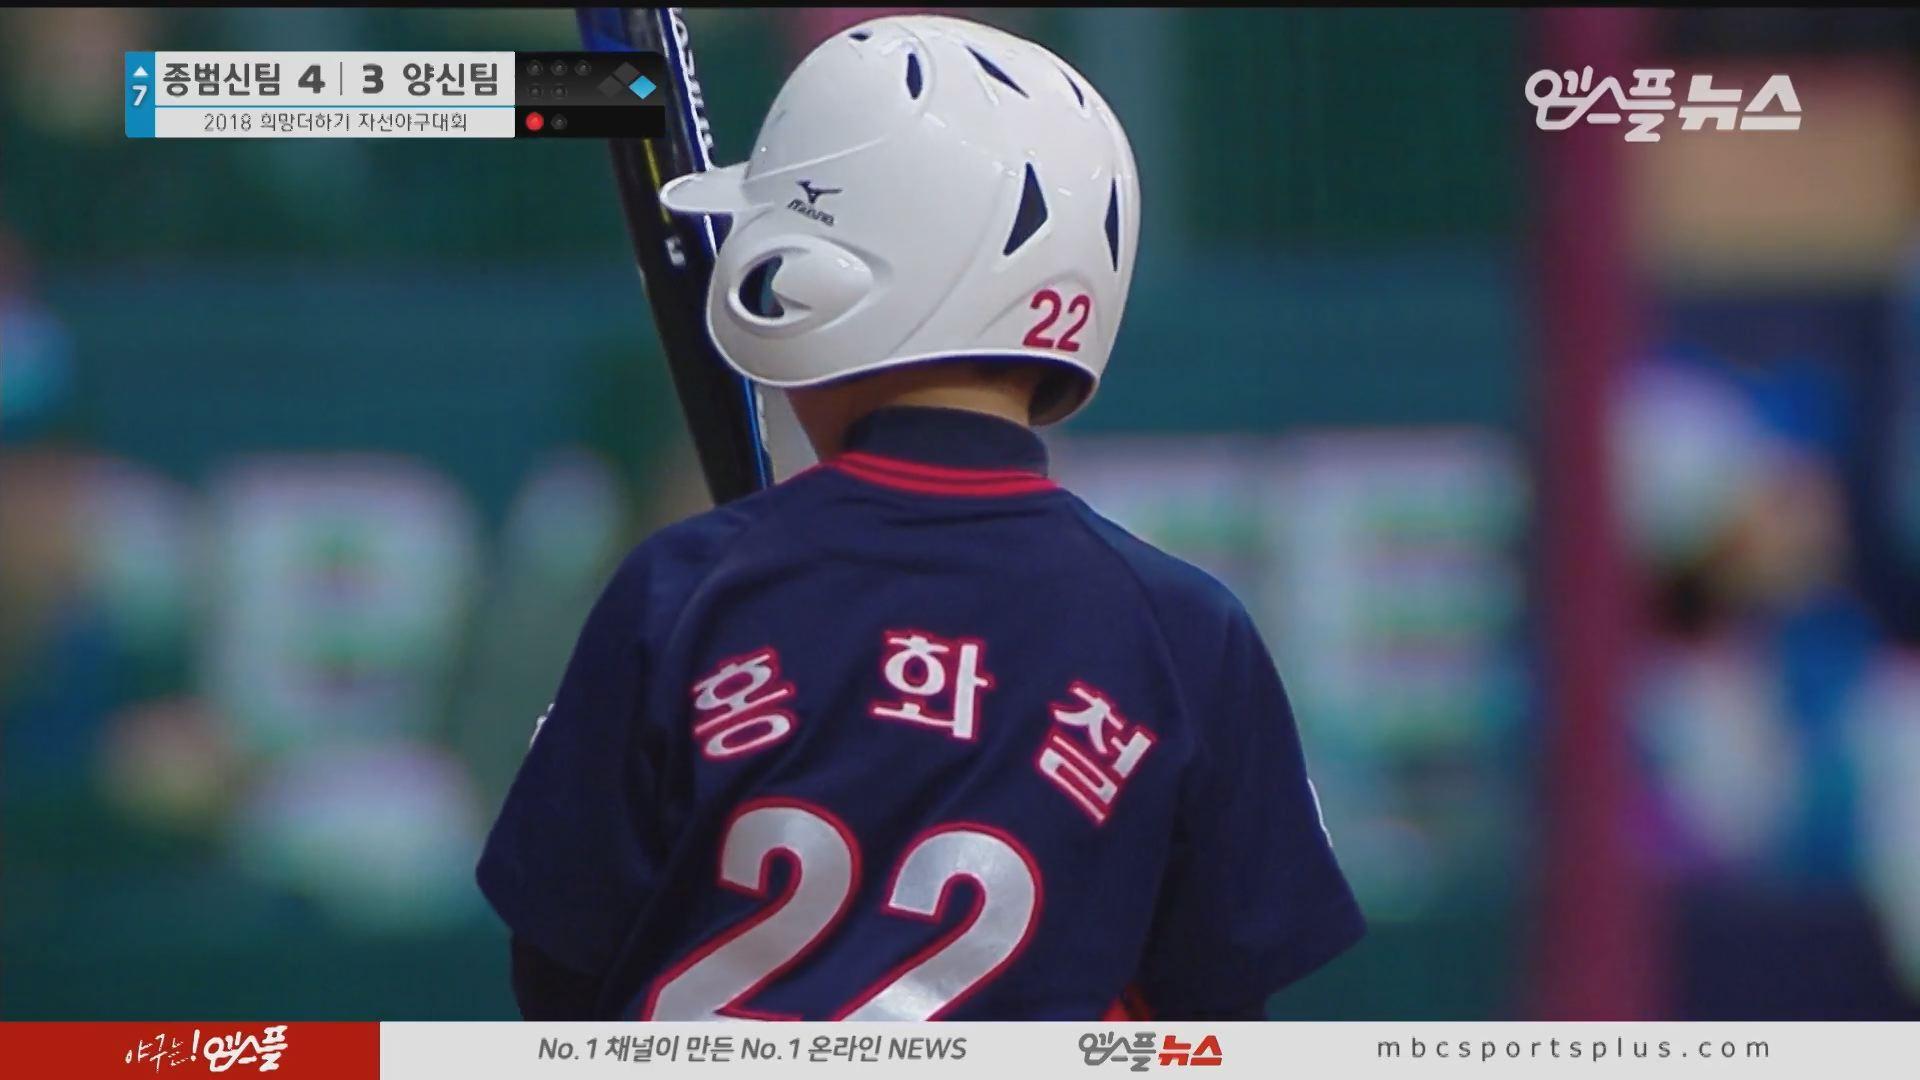 [2018 희망더하기 자선야구대회] '오늘 MVP 후보' 강동구의 홍화철 선수